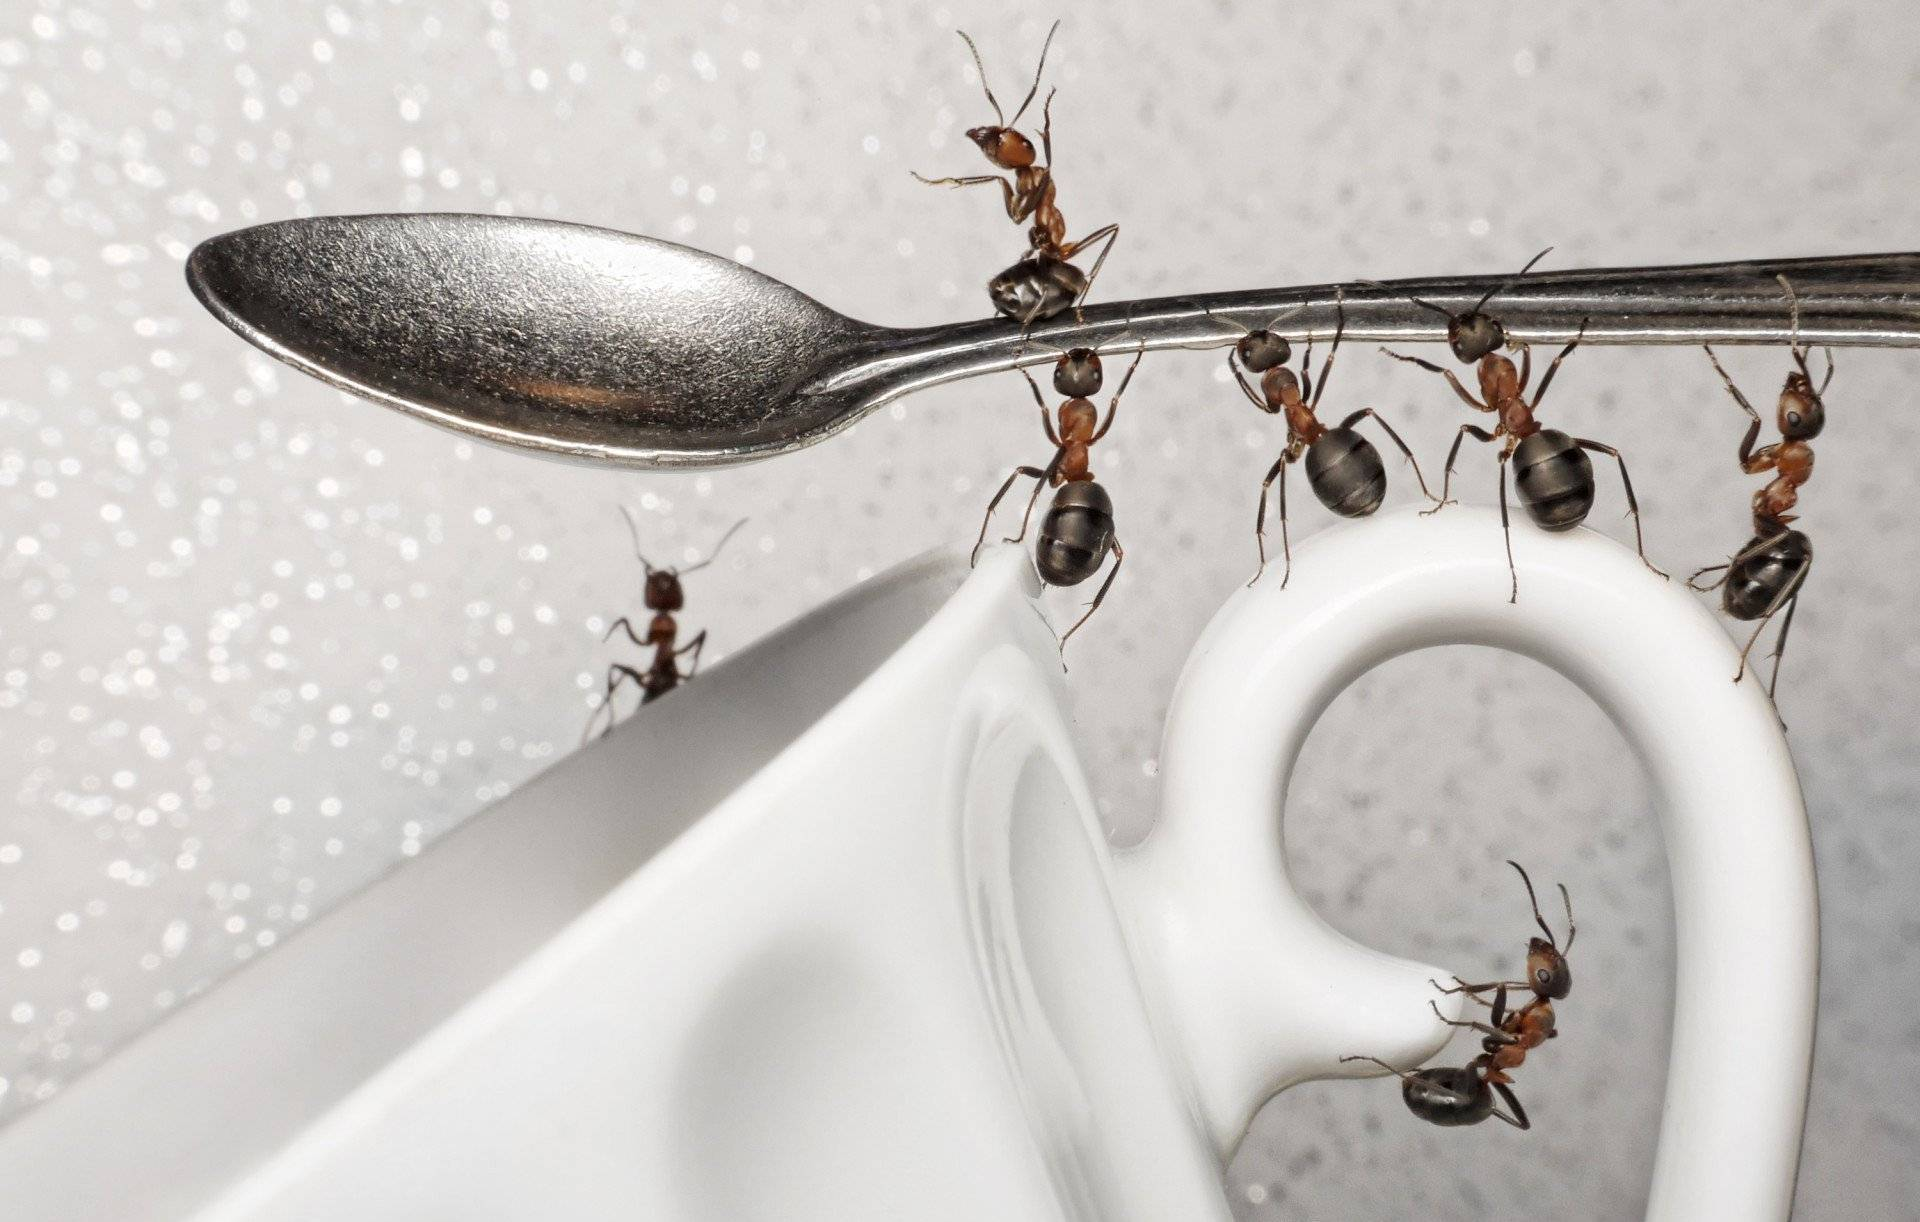 Как избавиться от рыжих муравьев